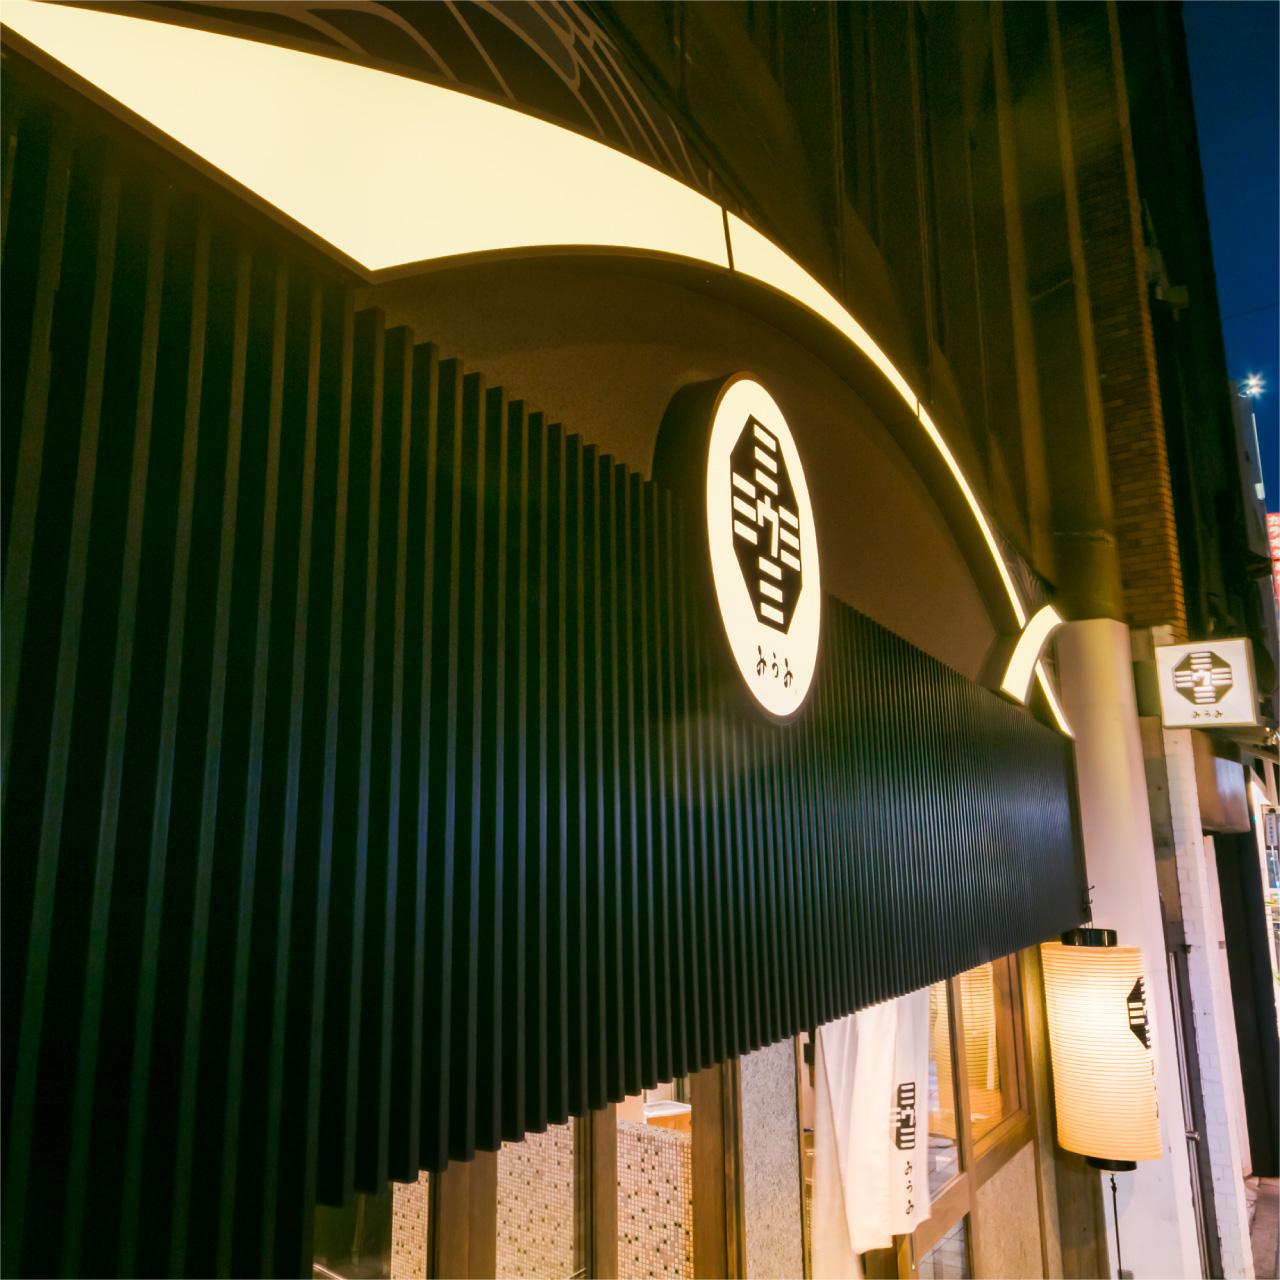 ファサードにLEDサインを装飾として取り入れた事例